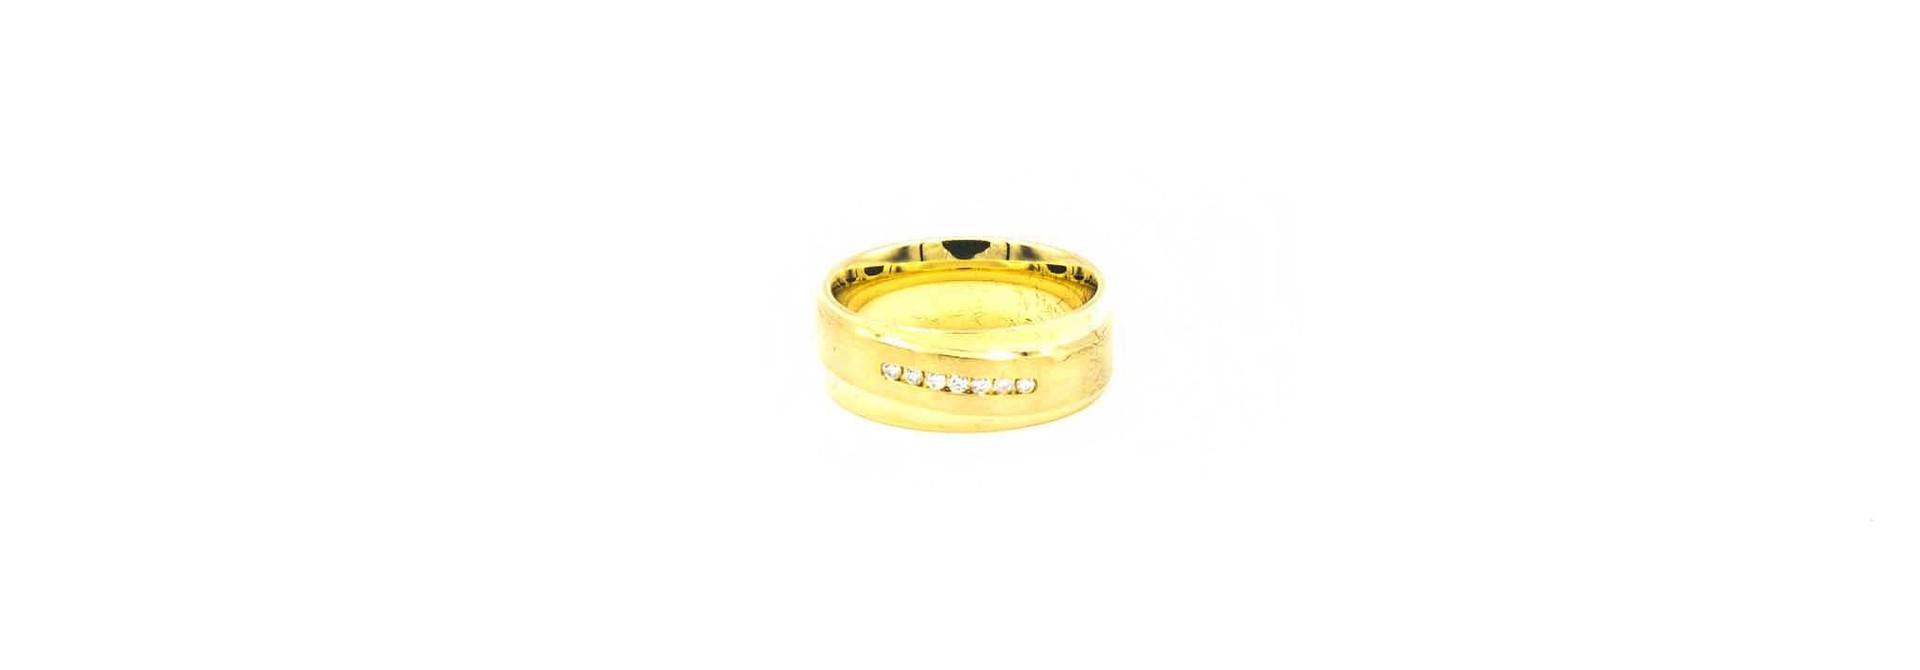 Ring glanzend met gematteerde band met diamantjes